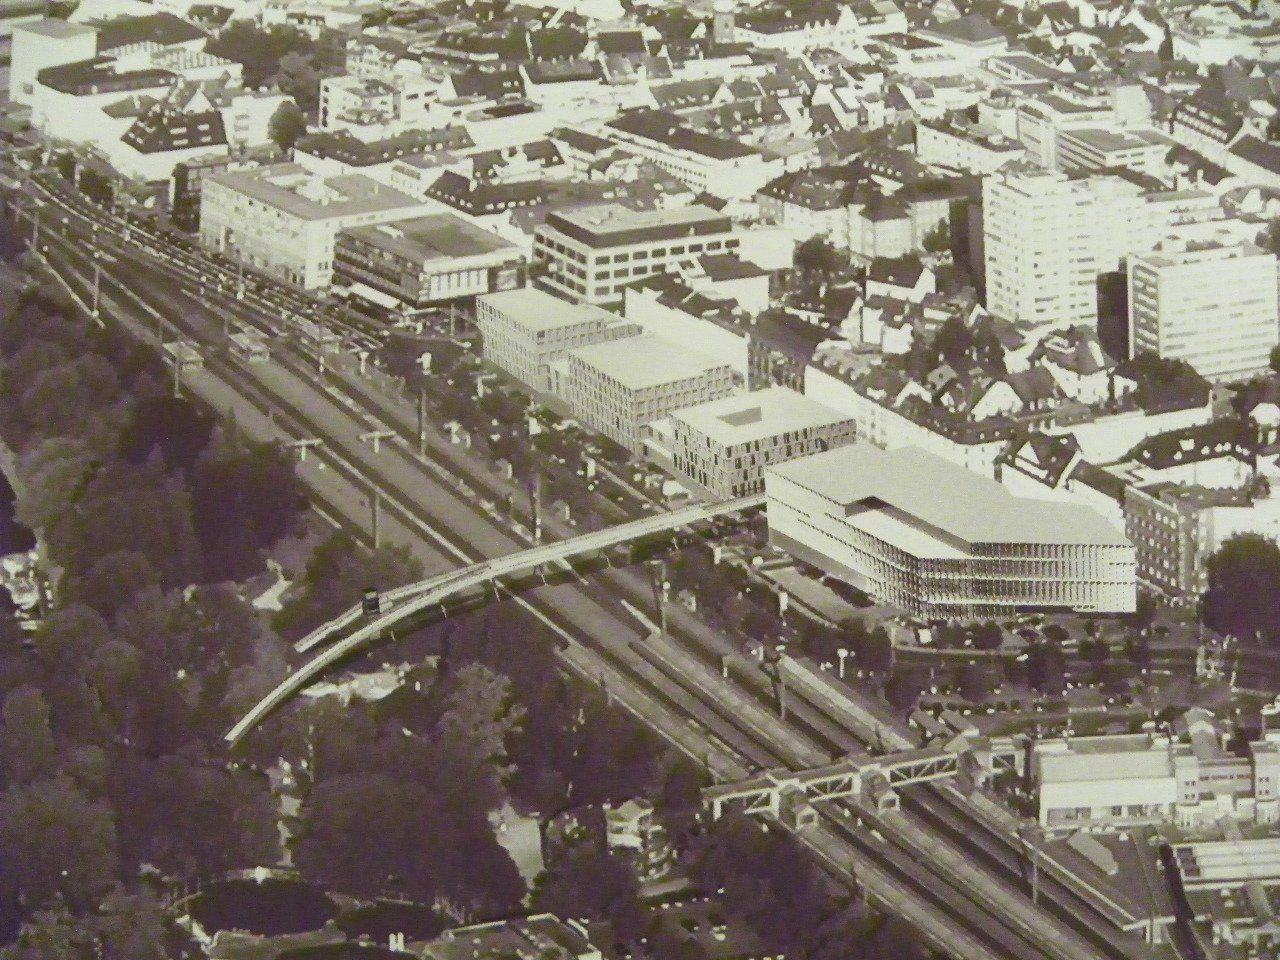 Das Modell der Seestadt wurde anfang Mai 2010 in Bregenz der Öffentlichkeit präsentiert.